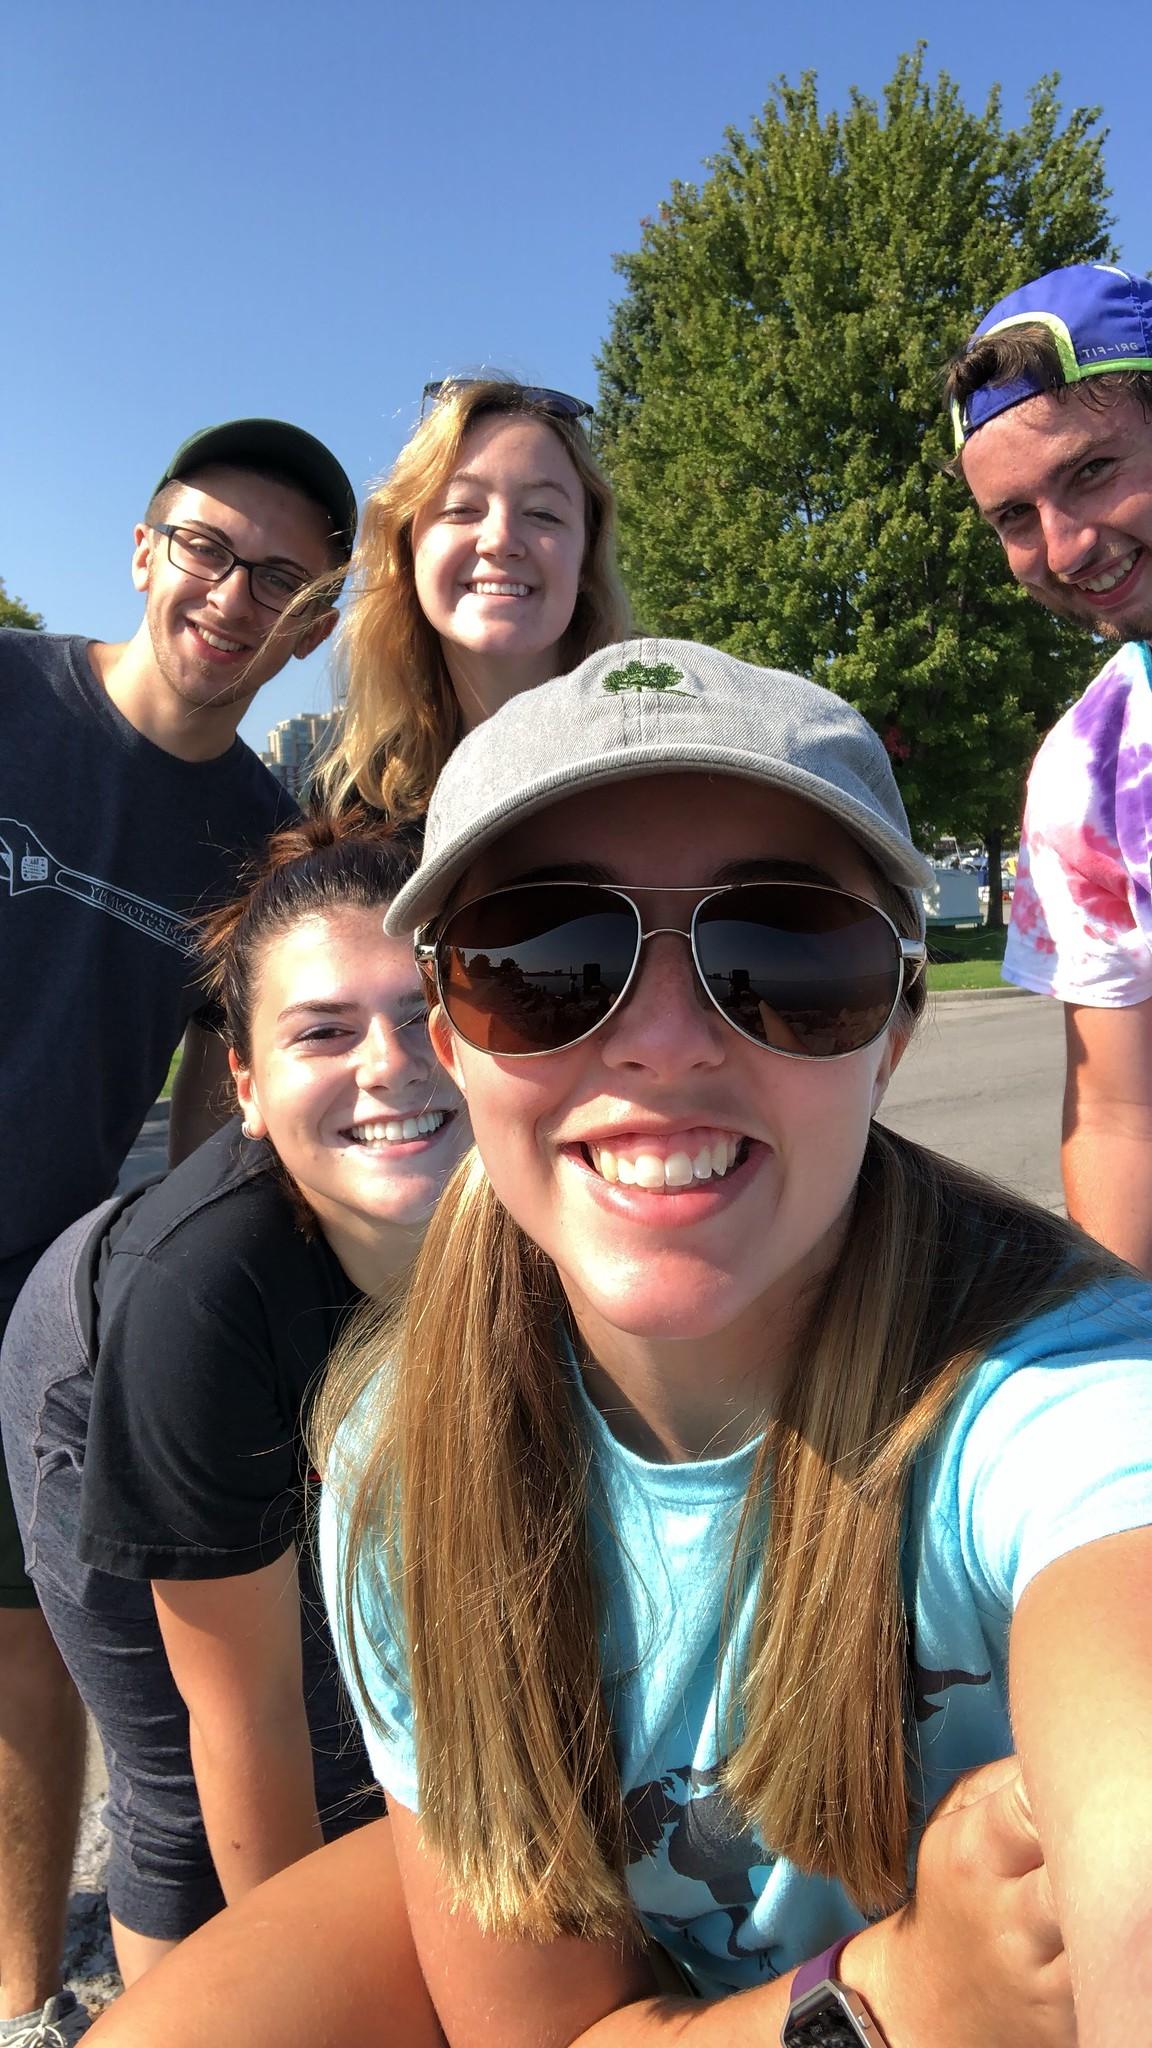 Group of young volunteers take selfie